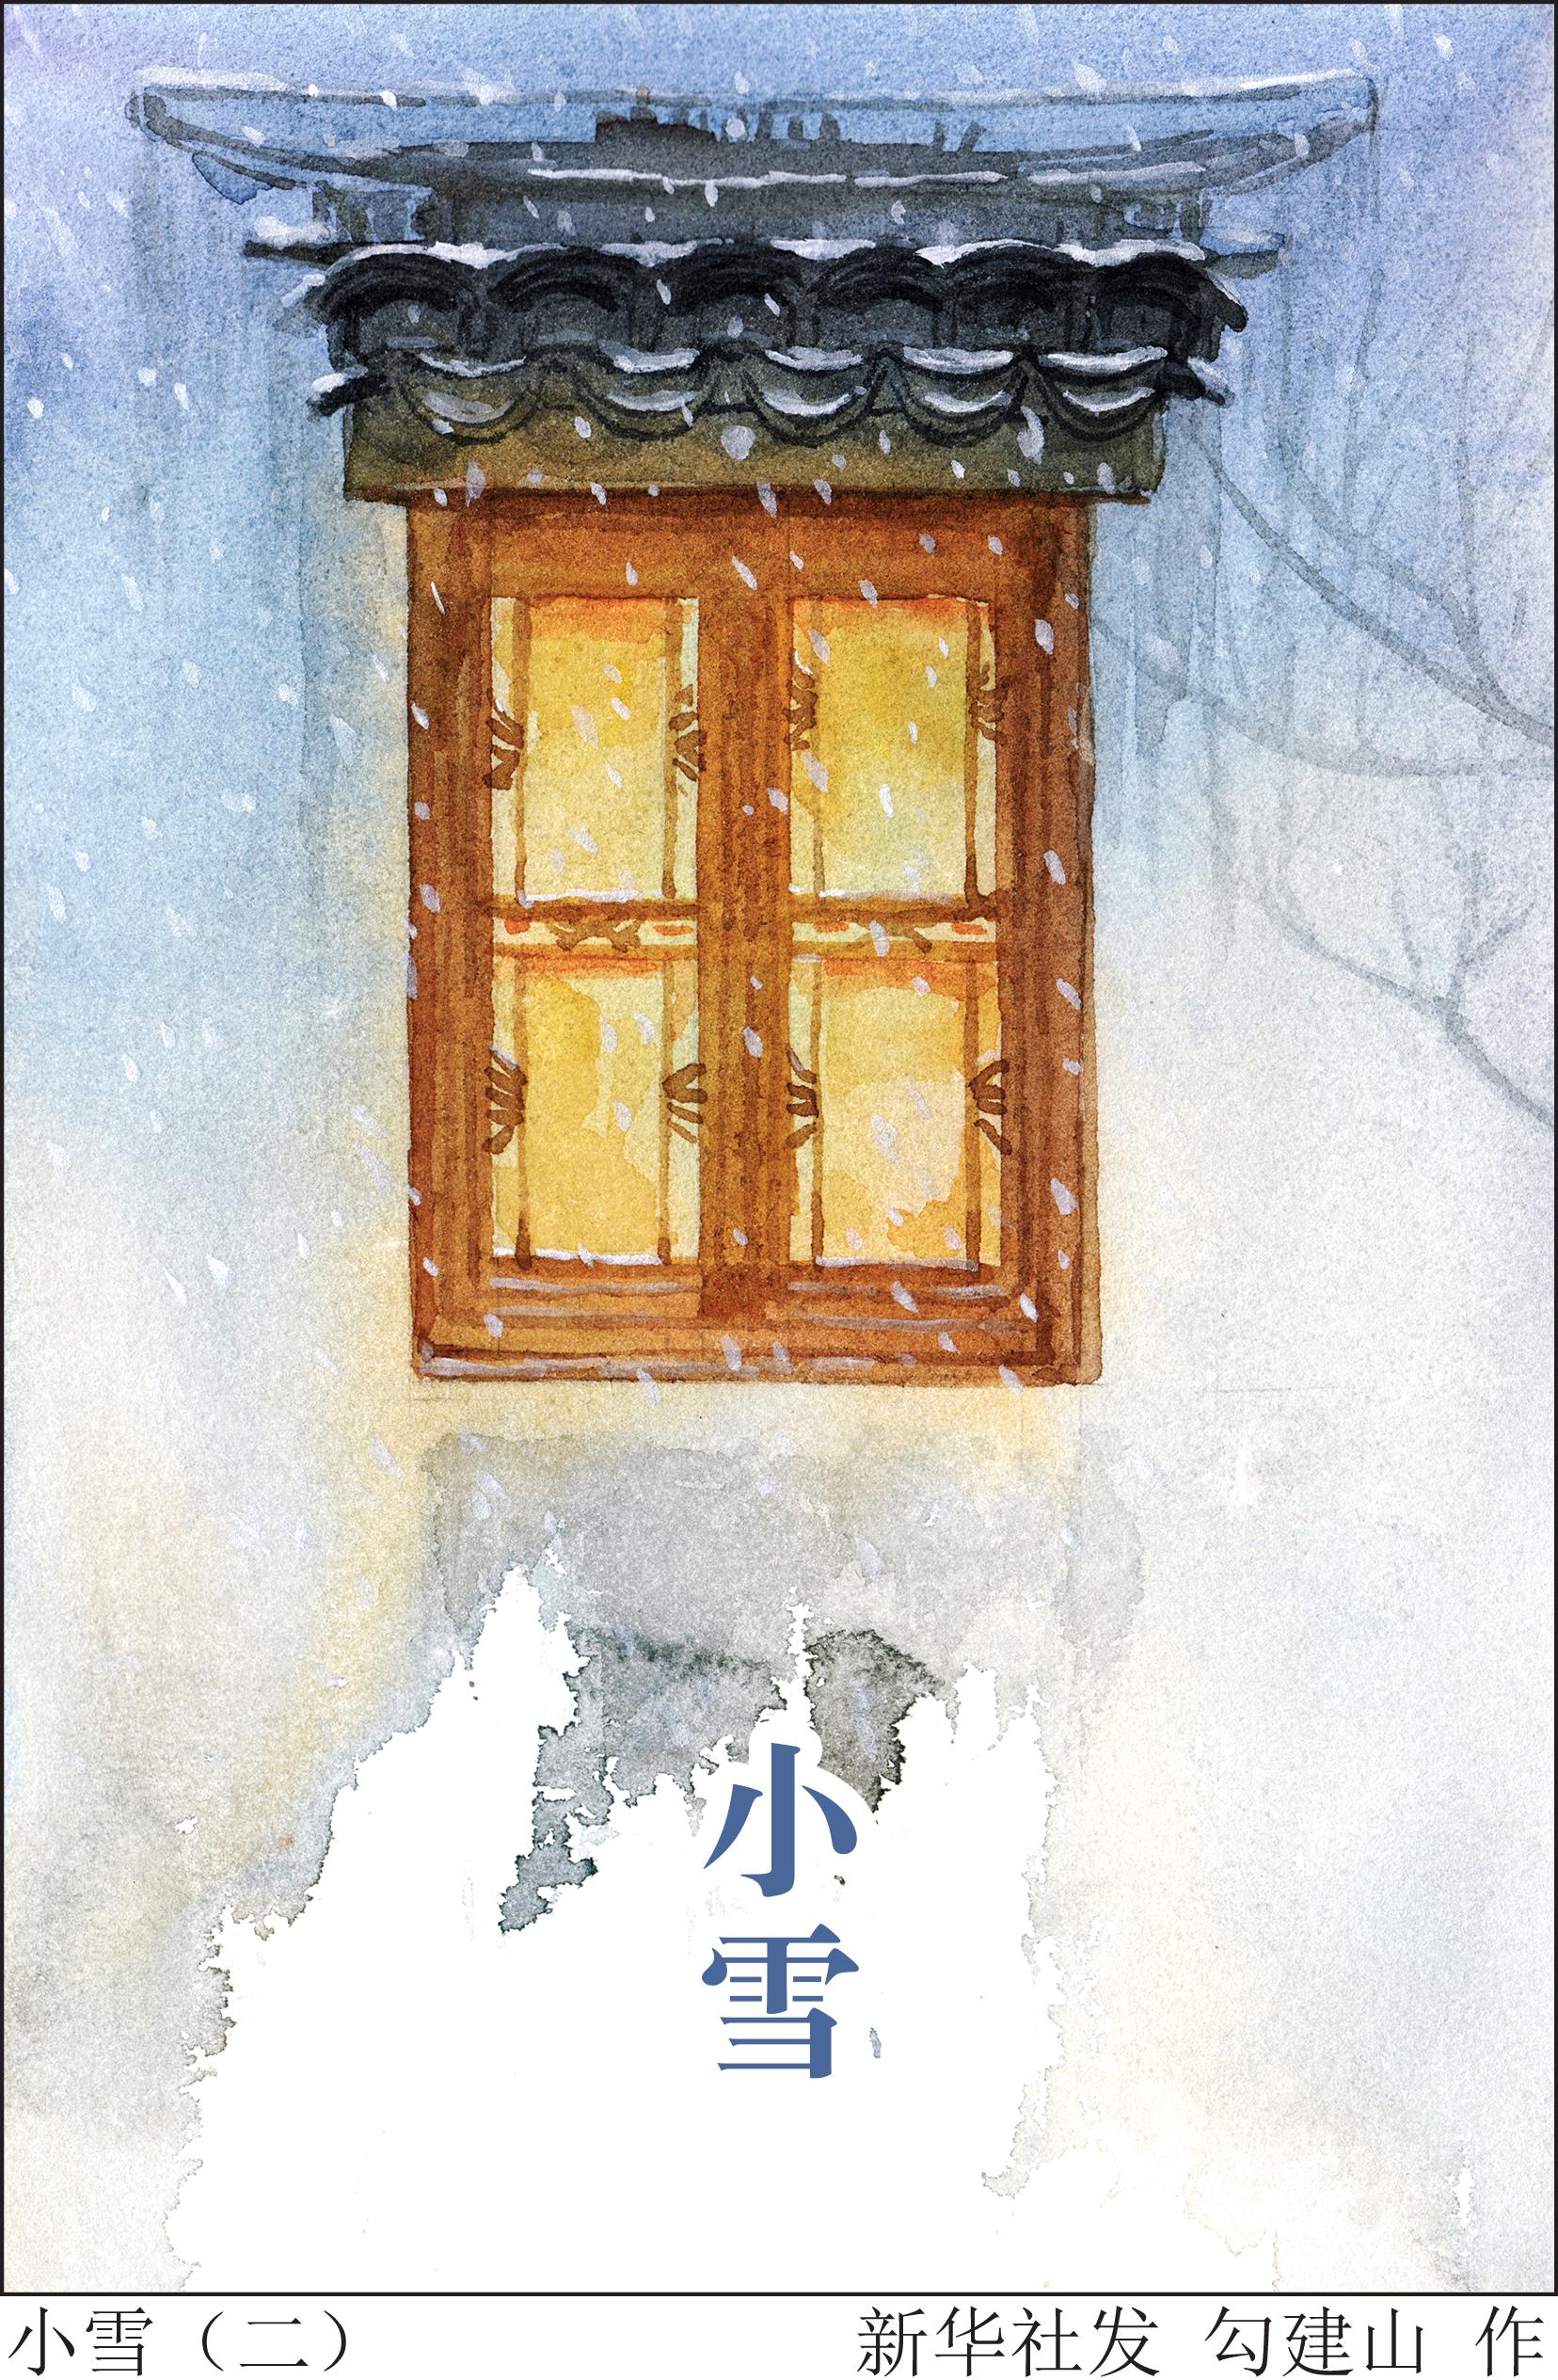 [二十四节气·小雪]小雪